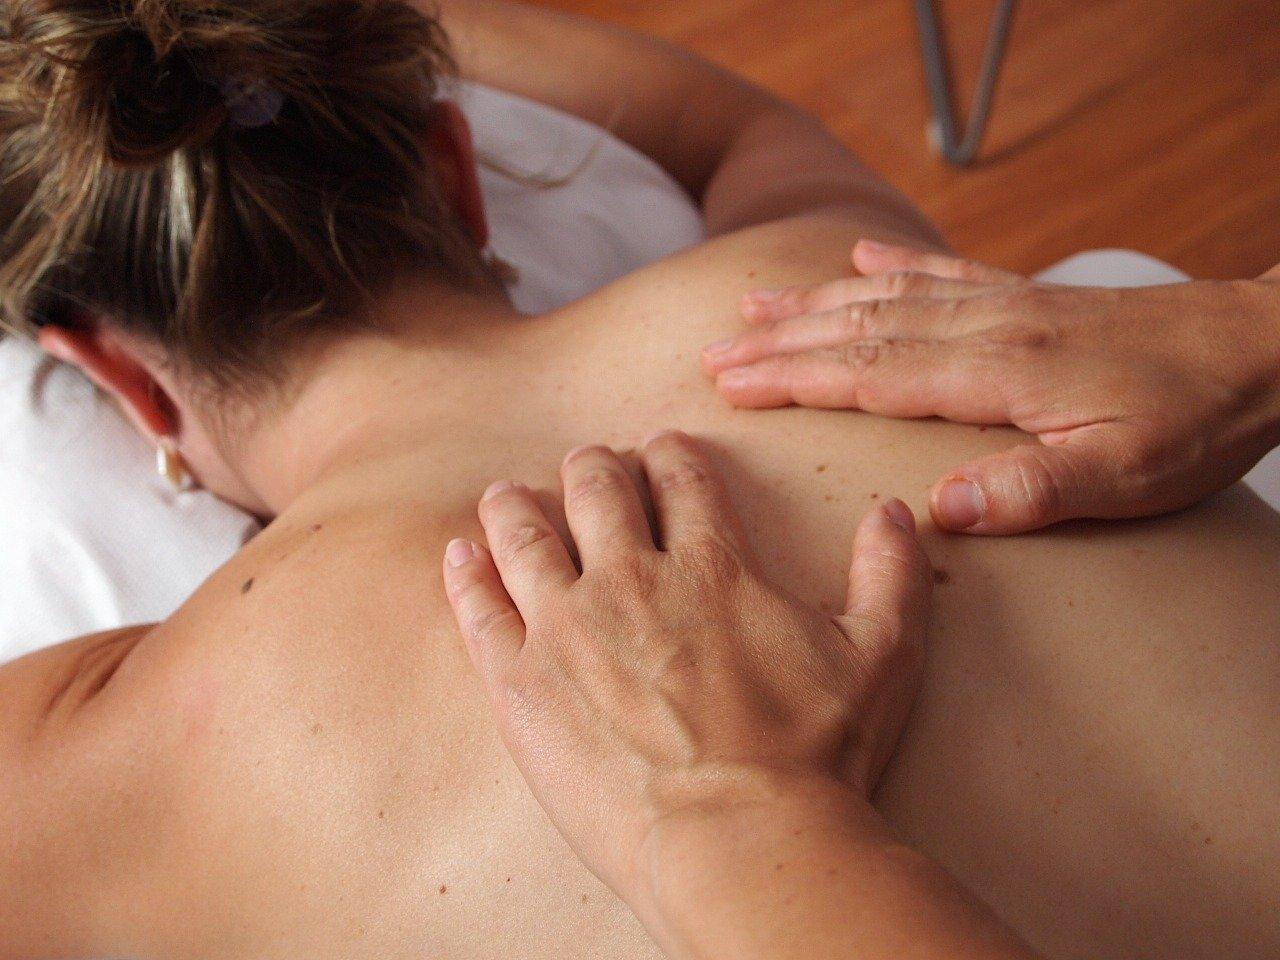 Recurrir a masajes y envolturas